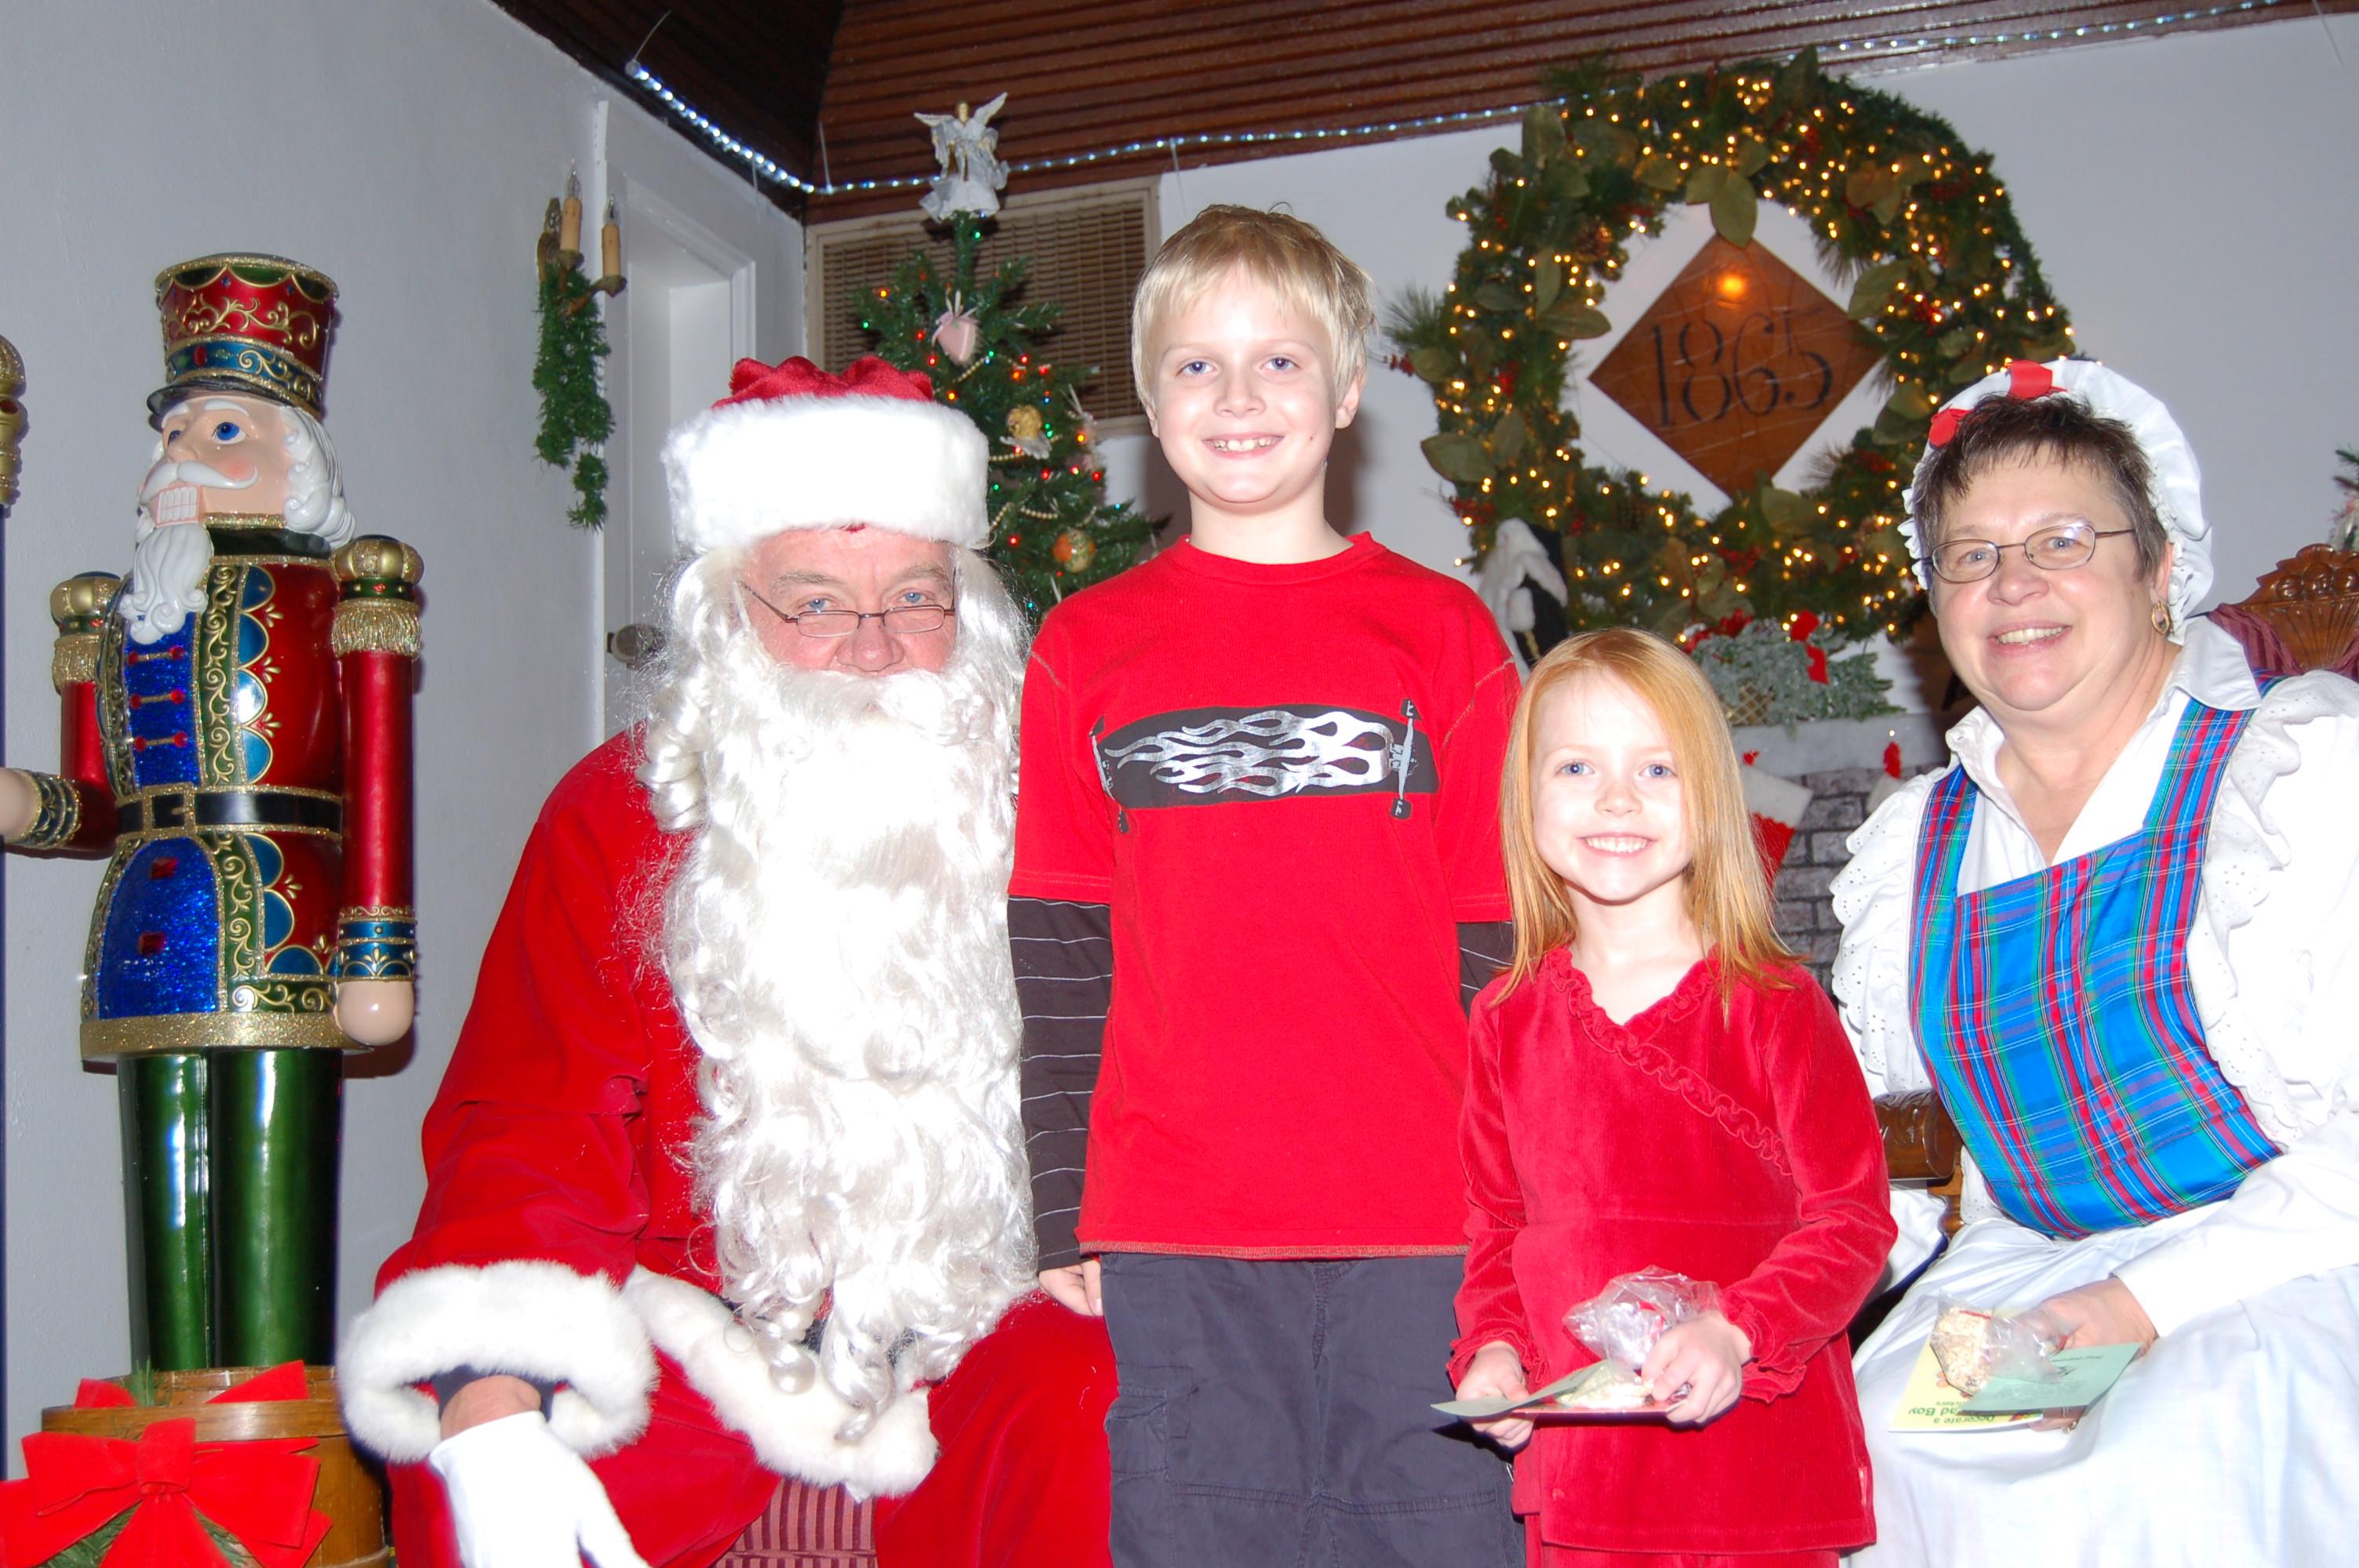 LolliPop+Lane+12-11-2008+Picture+023.jpg